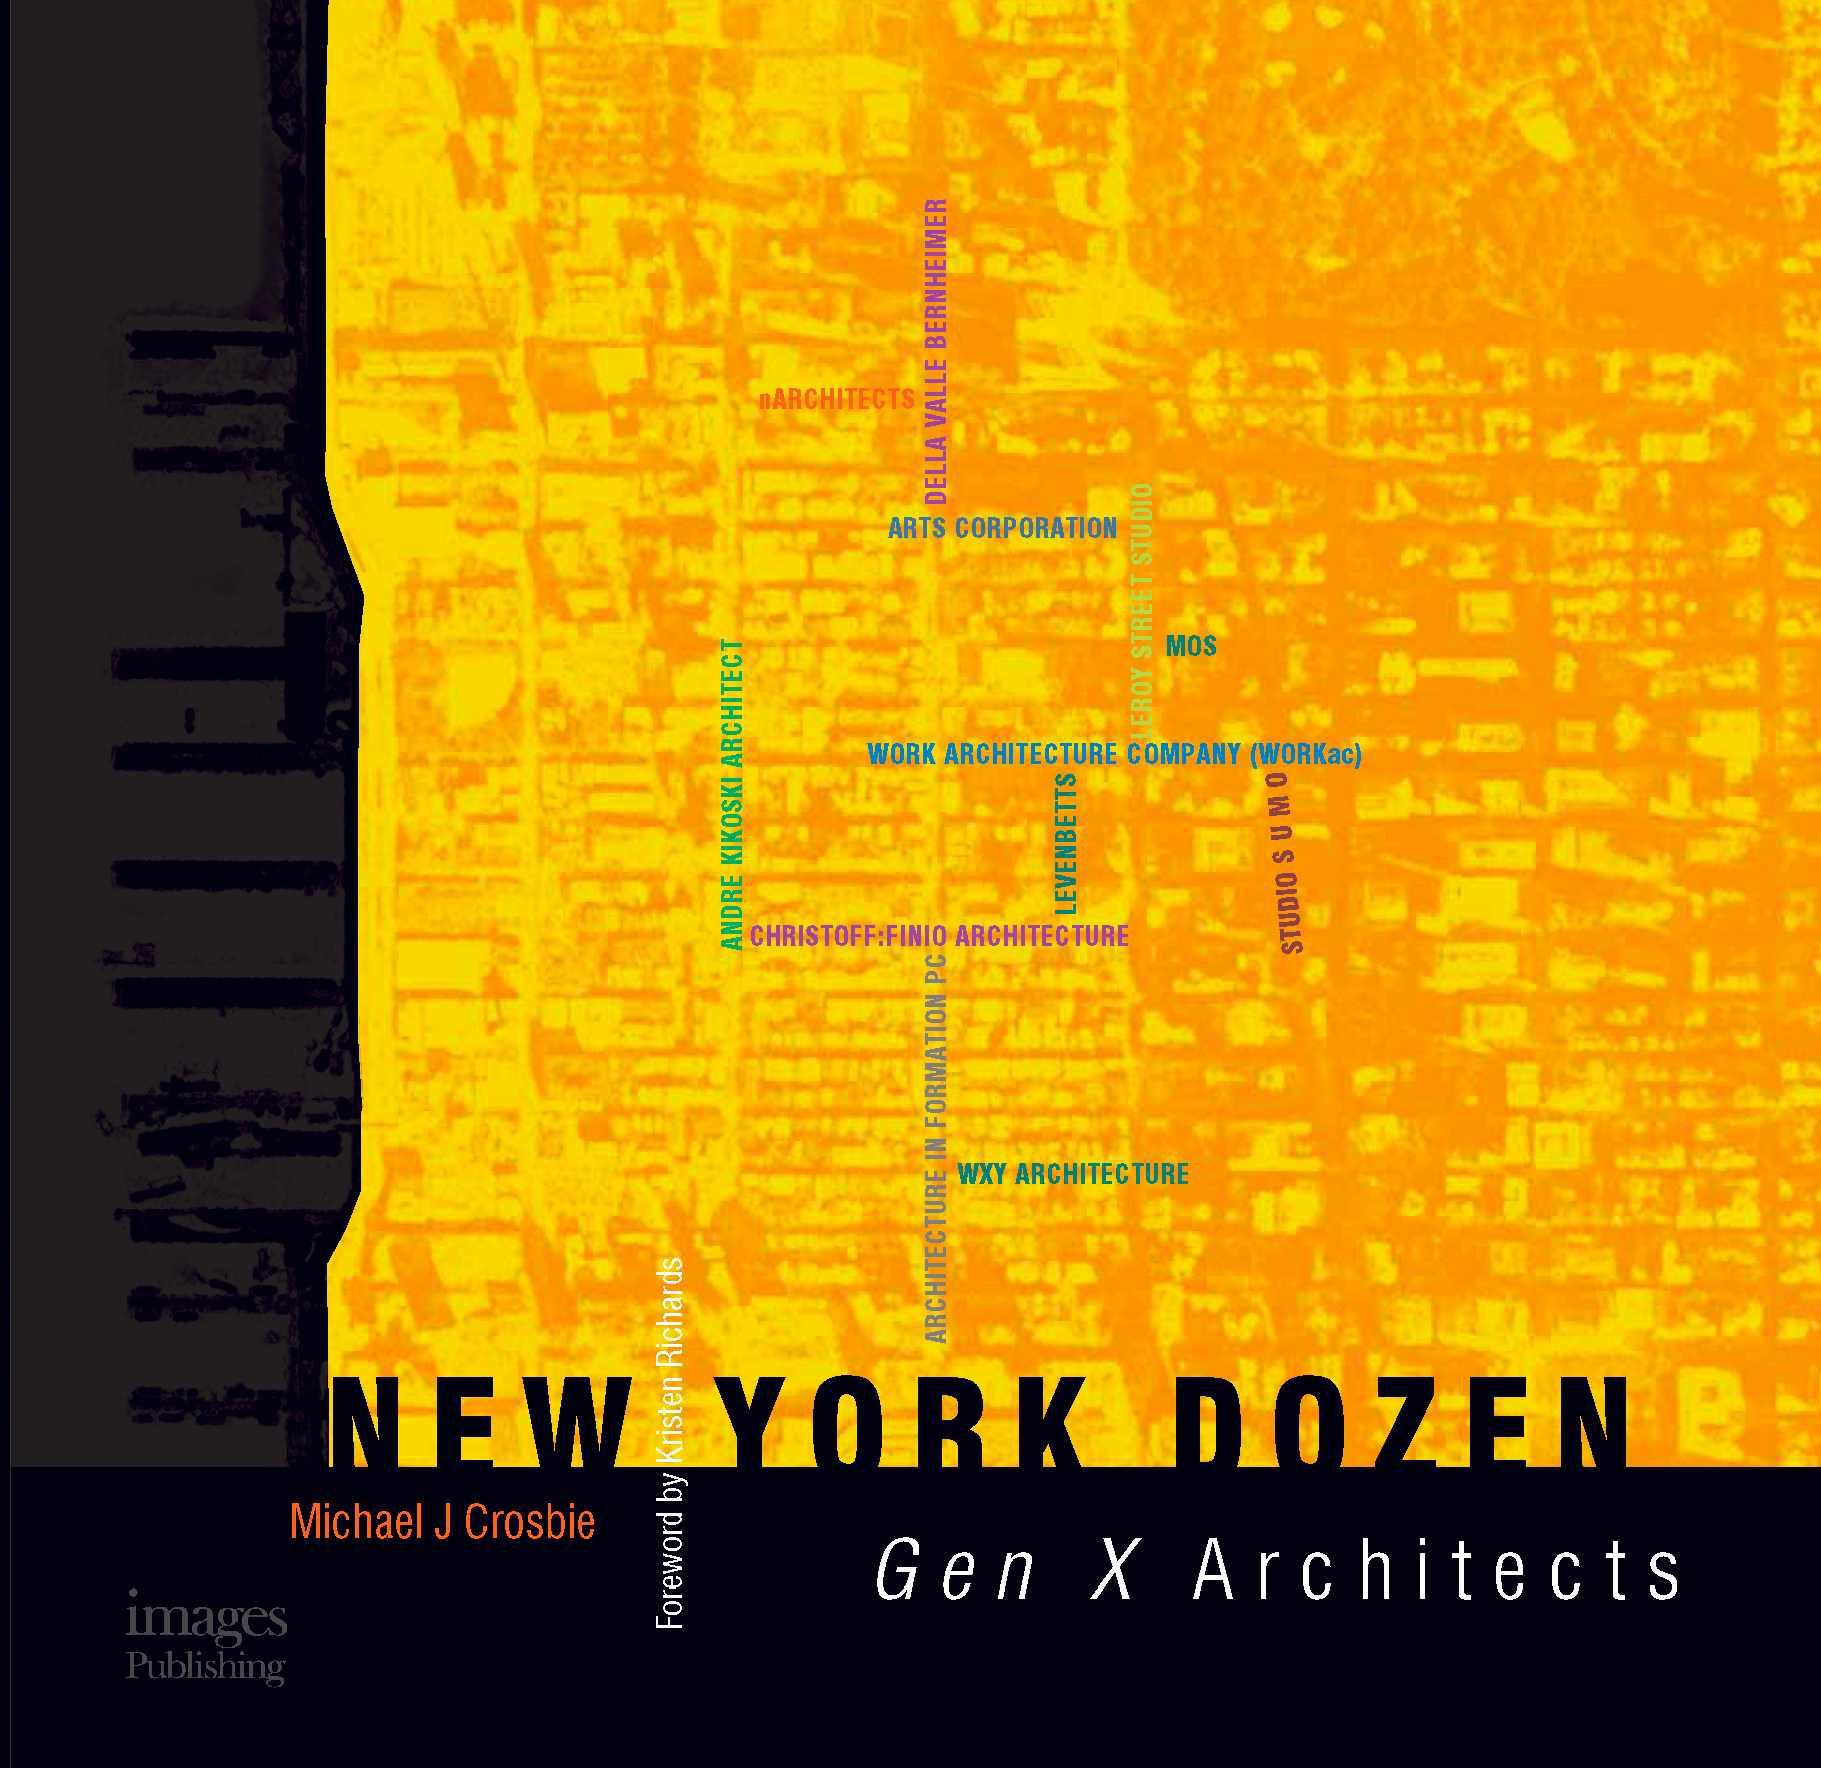 NY Dozen cover